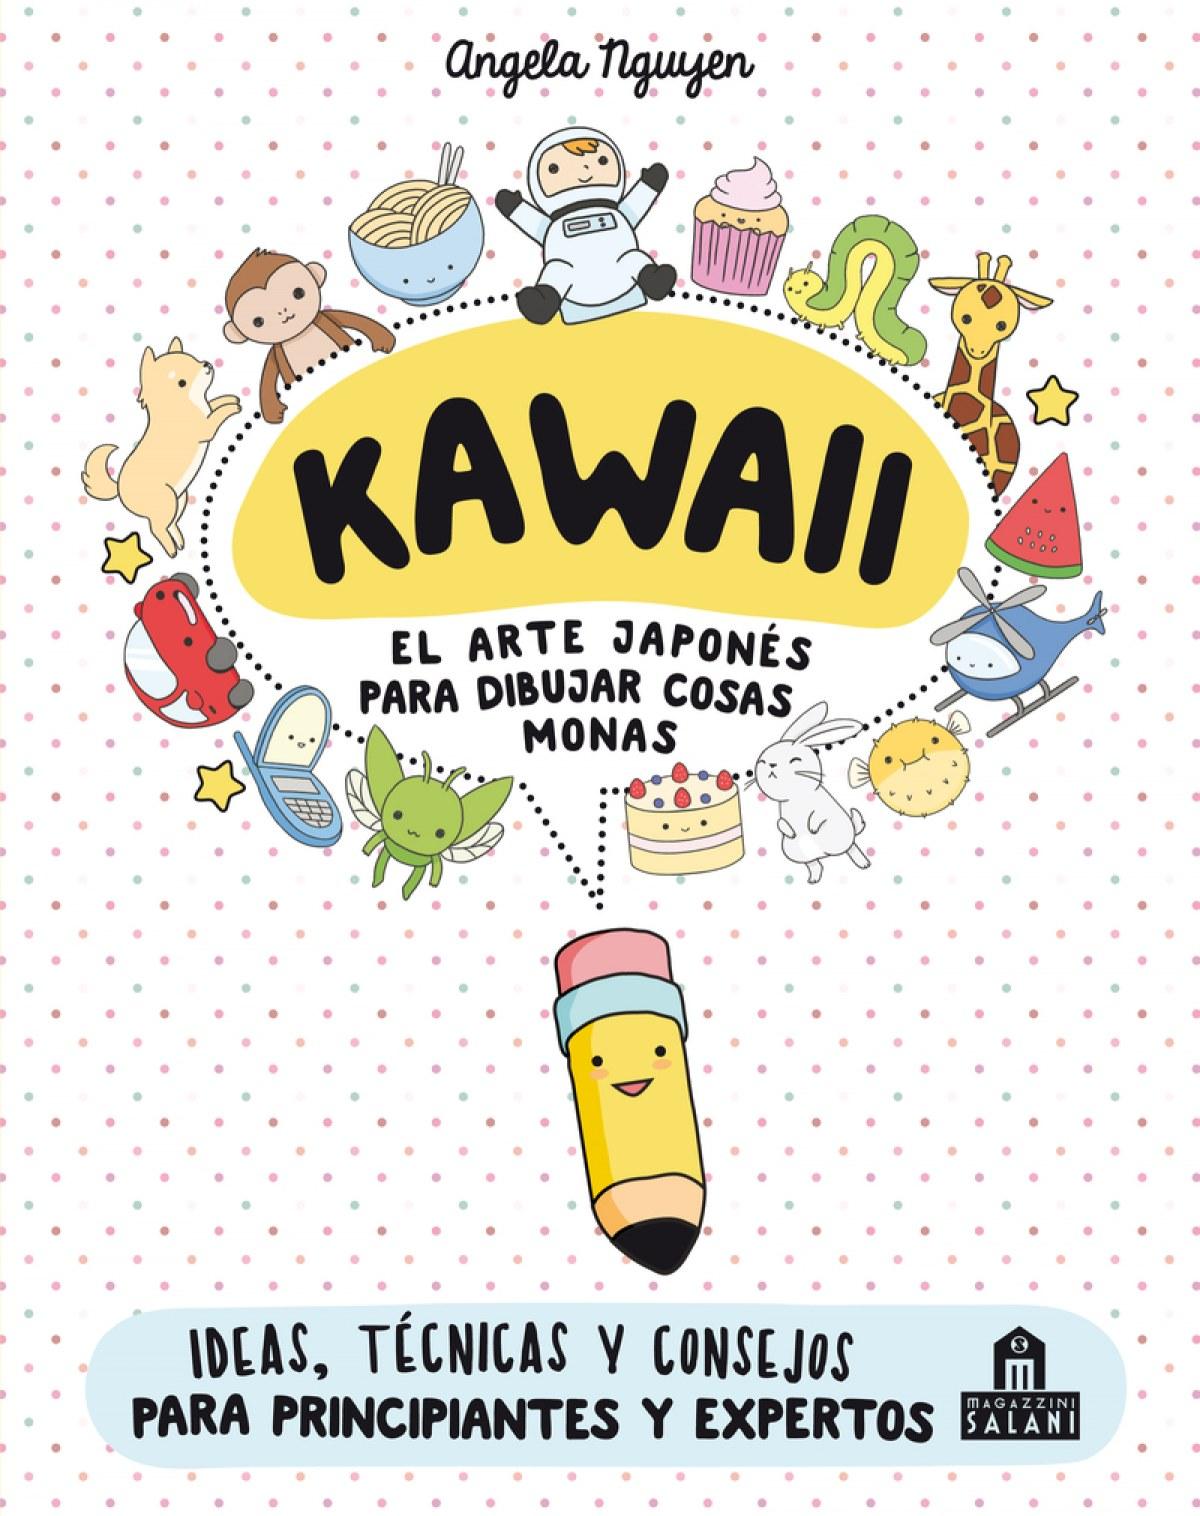 KAWAII. EL ARTE JAPONES PARA DIBUJAR COSAS MONAS 9788893672931